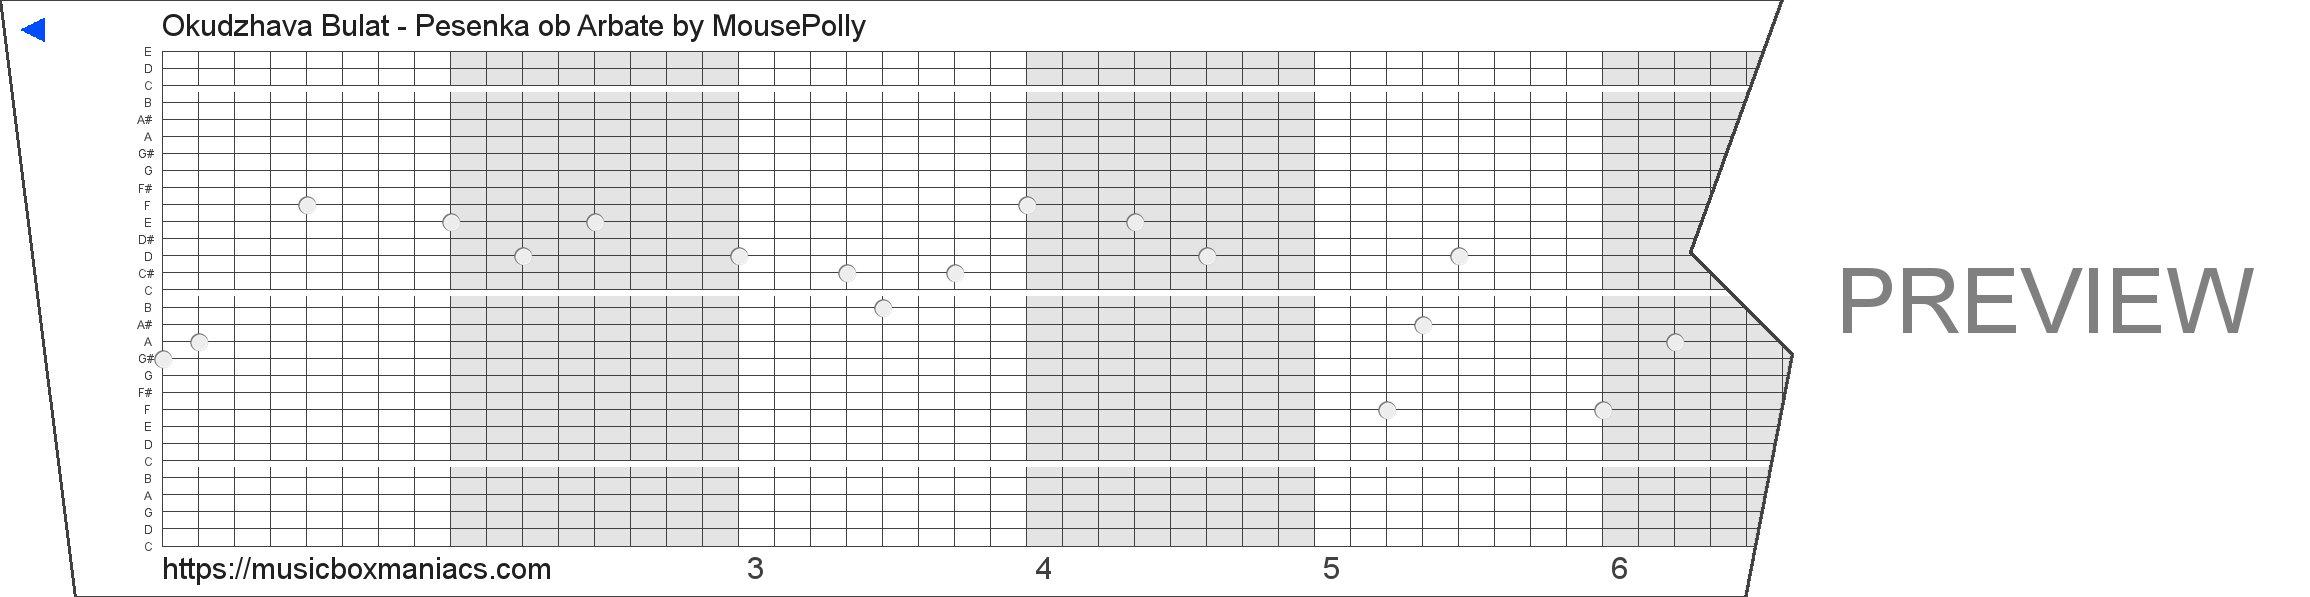 Okudzhava Bulat - Pesenka ob Arbate 30 note music box paper strip